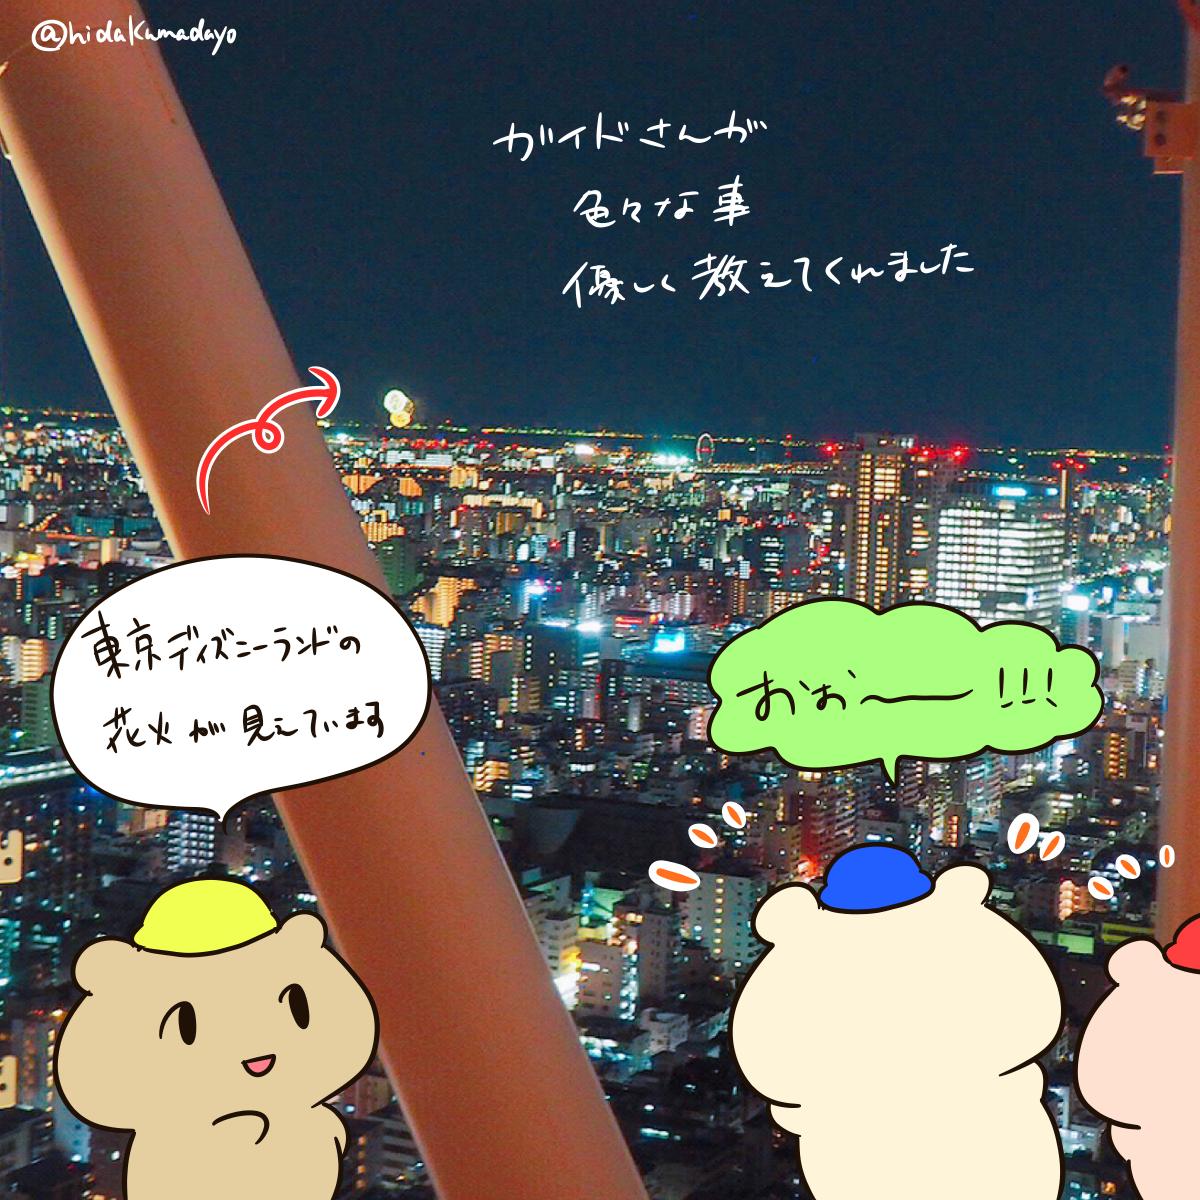 f:id:hidakumadayo:20190412204440p:plain